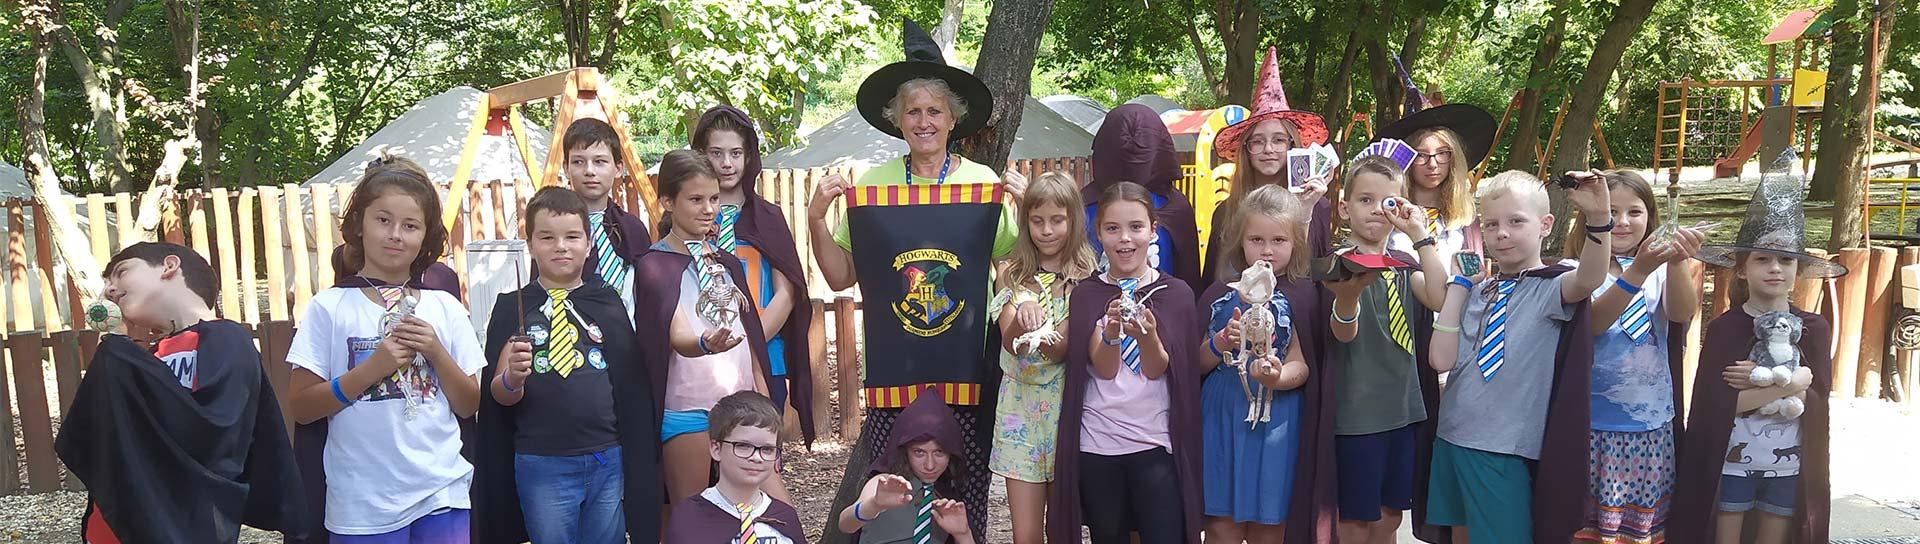 Harry Potter – angol nyelvű varázslótáborok